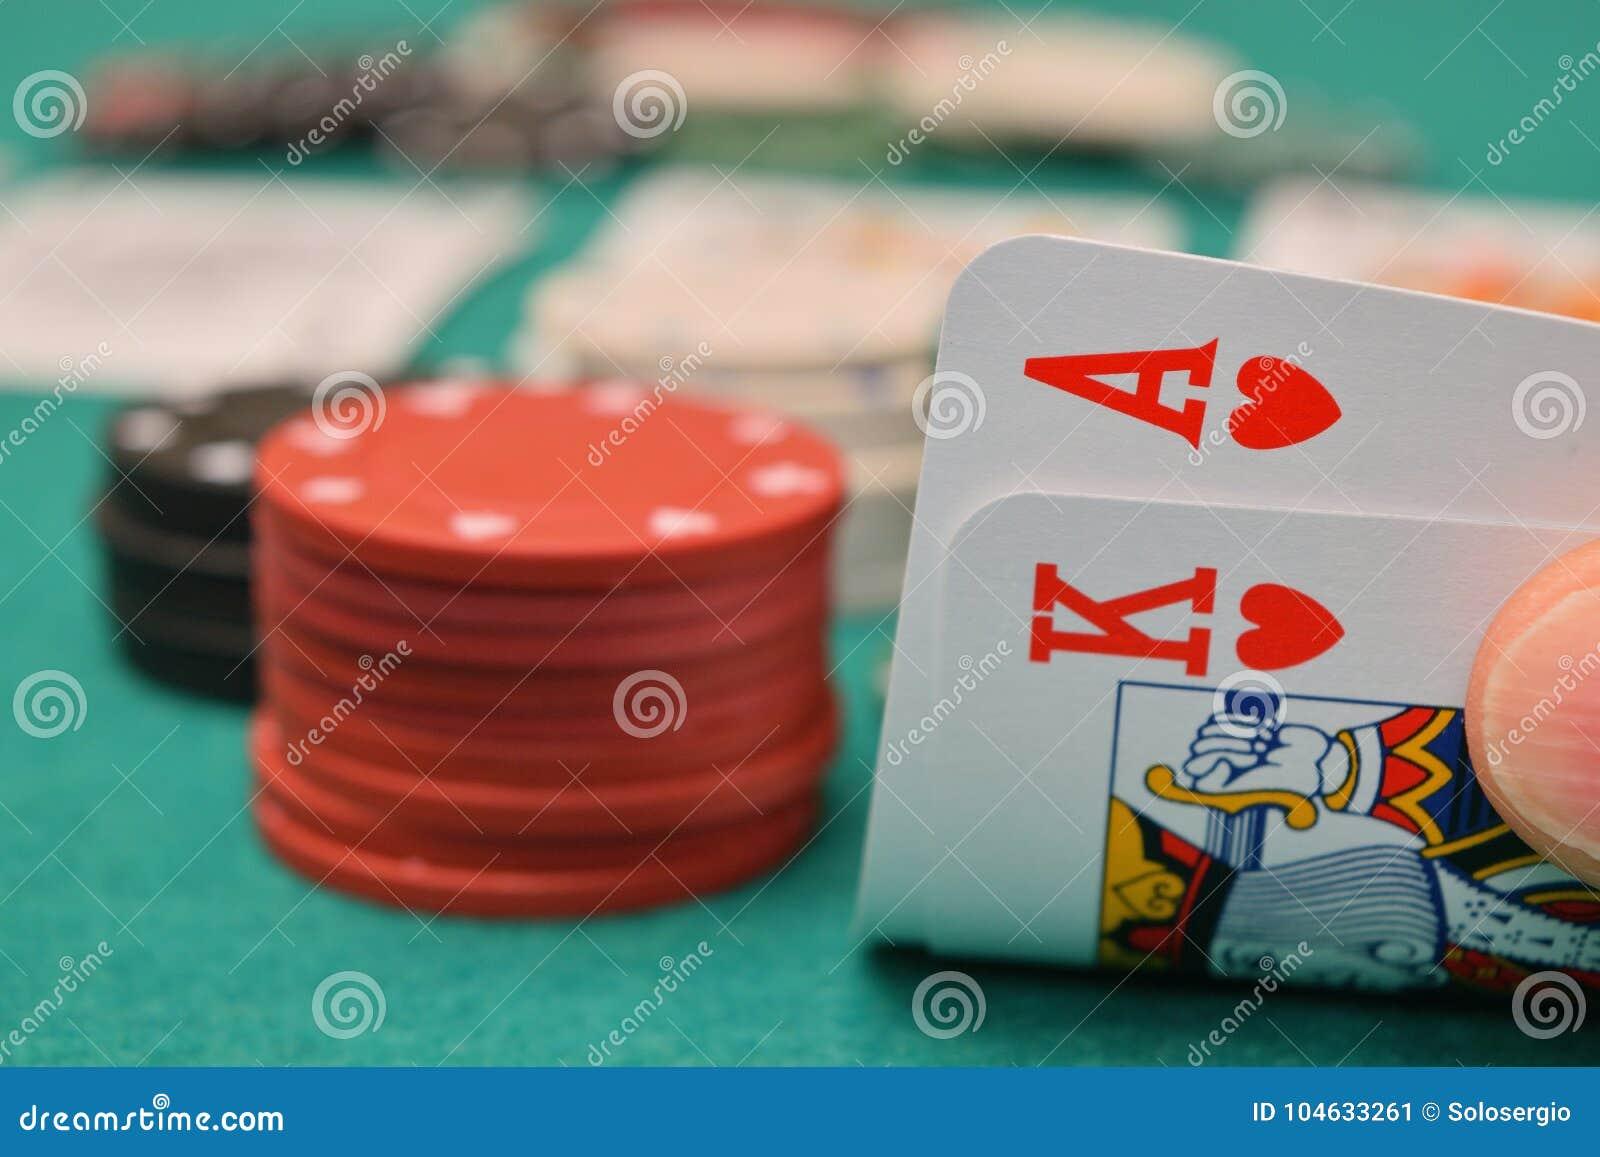 Download Koning En Aas Op Een Het Gokken Lijst Stock Afbeelding - Afbeelding bestaande uit hand, vermaak: 104633261